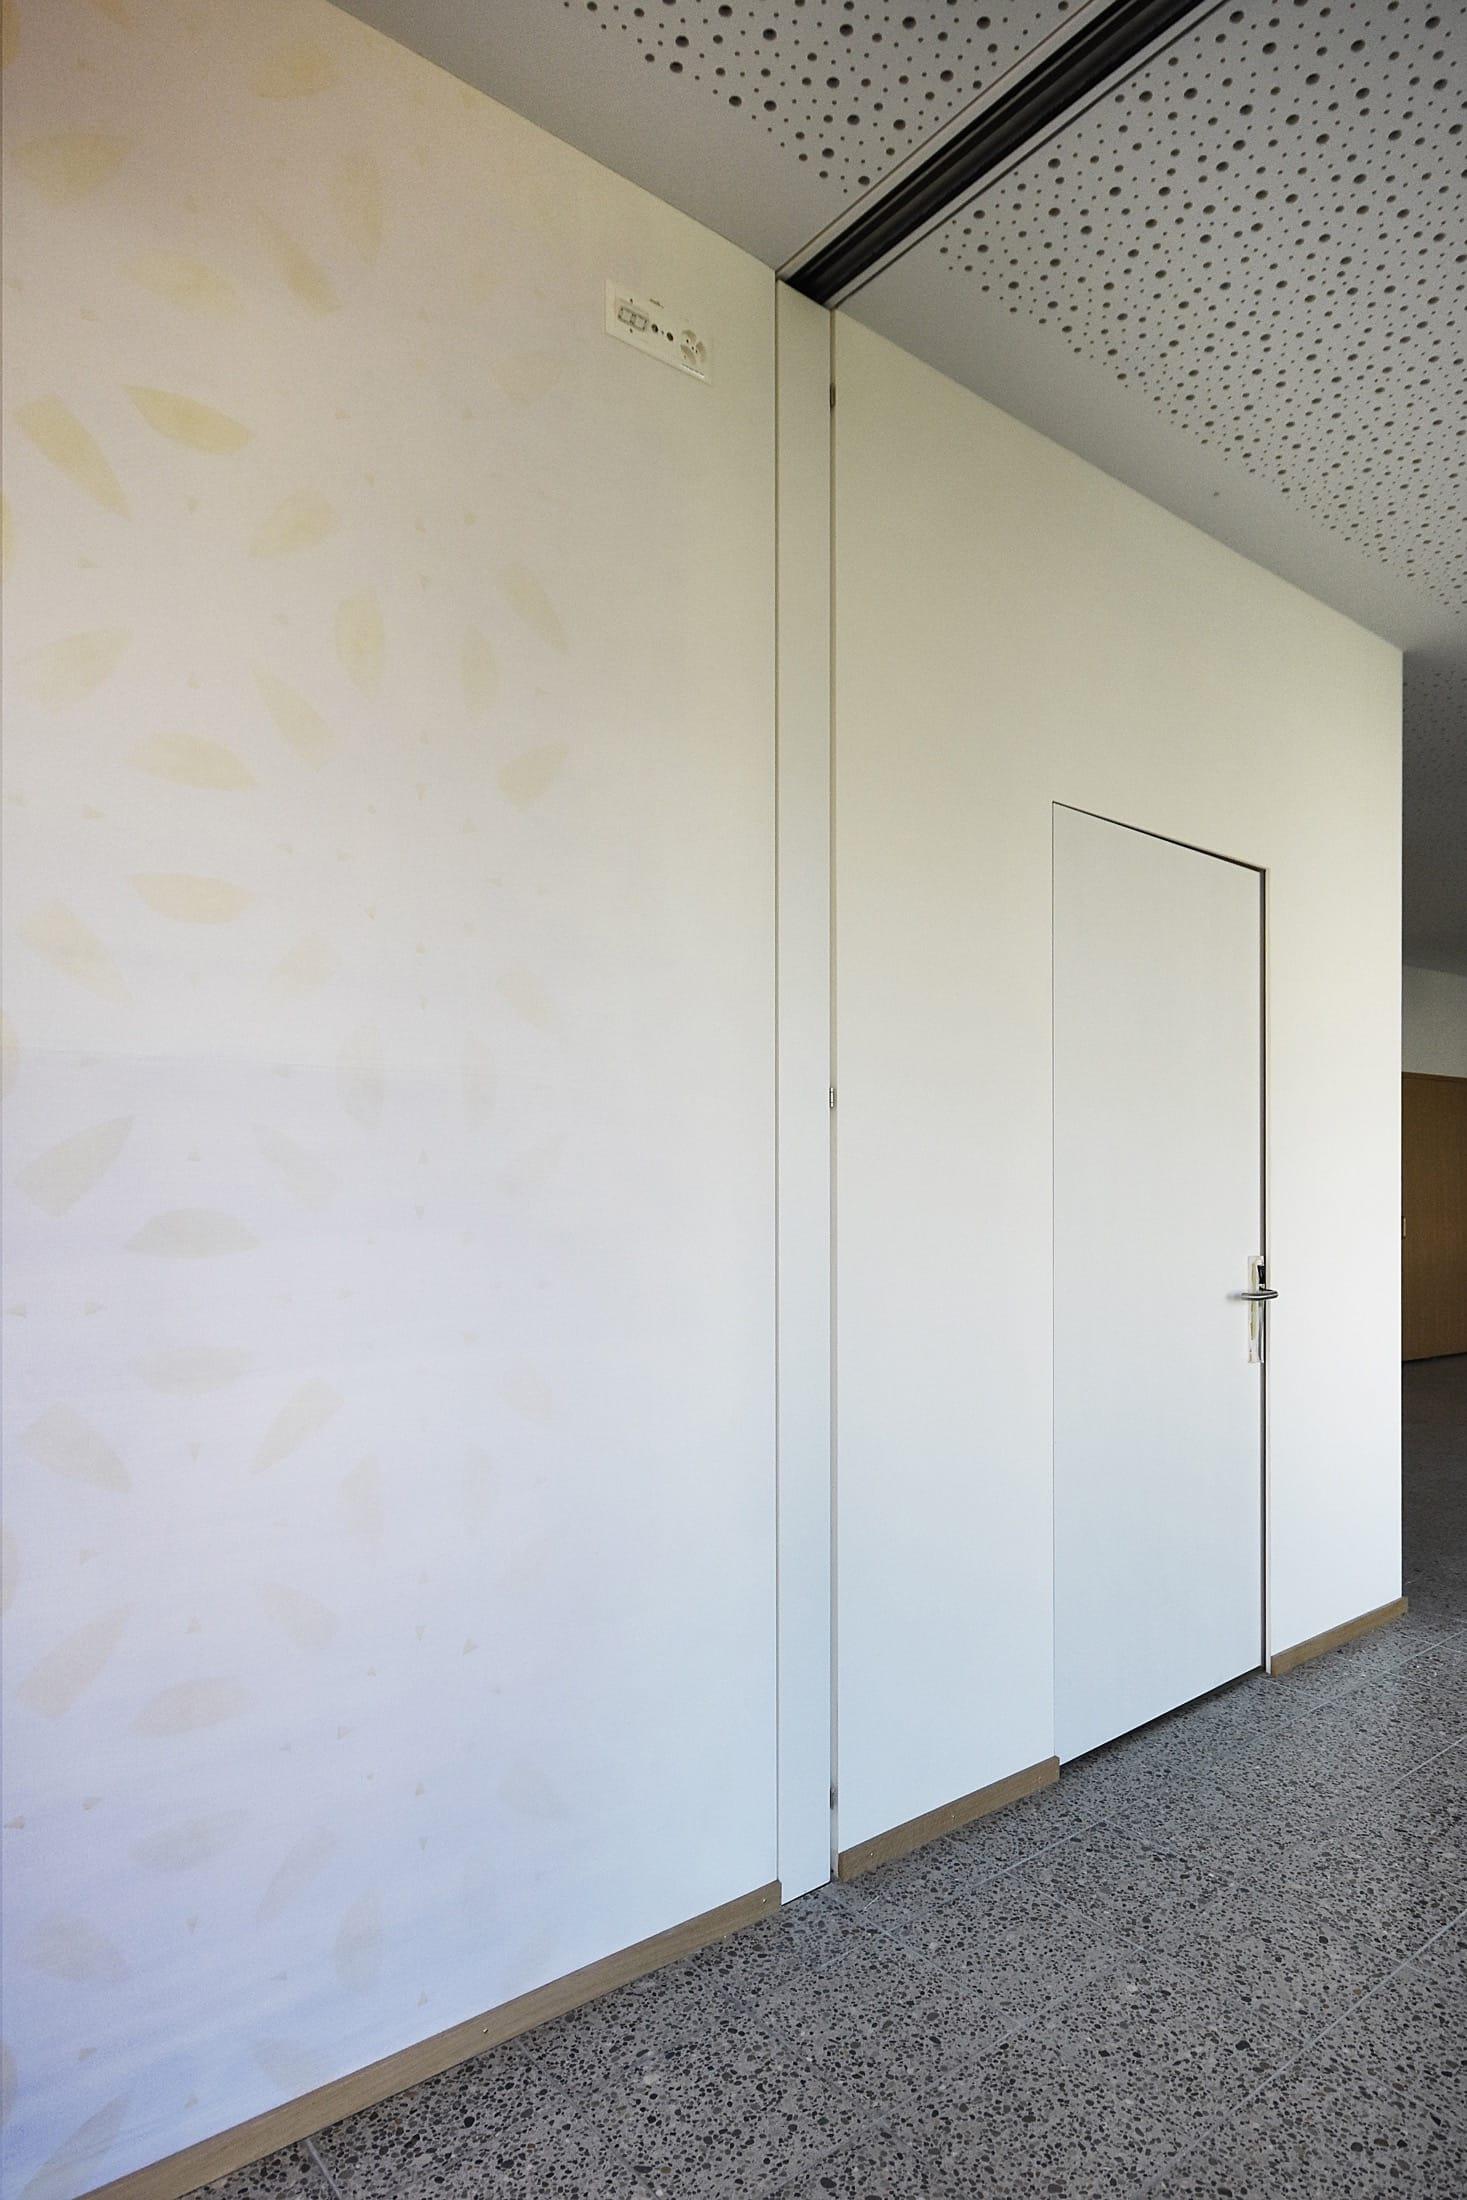 Schiebetuere_UP_Alterszentrum_Rubiswil_03